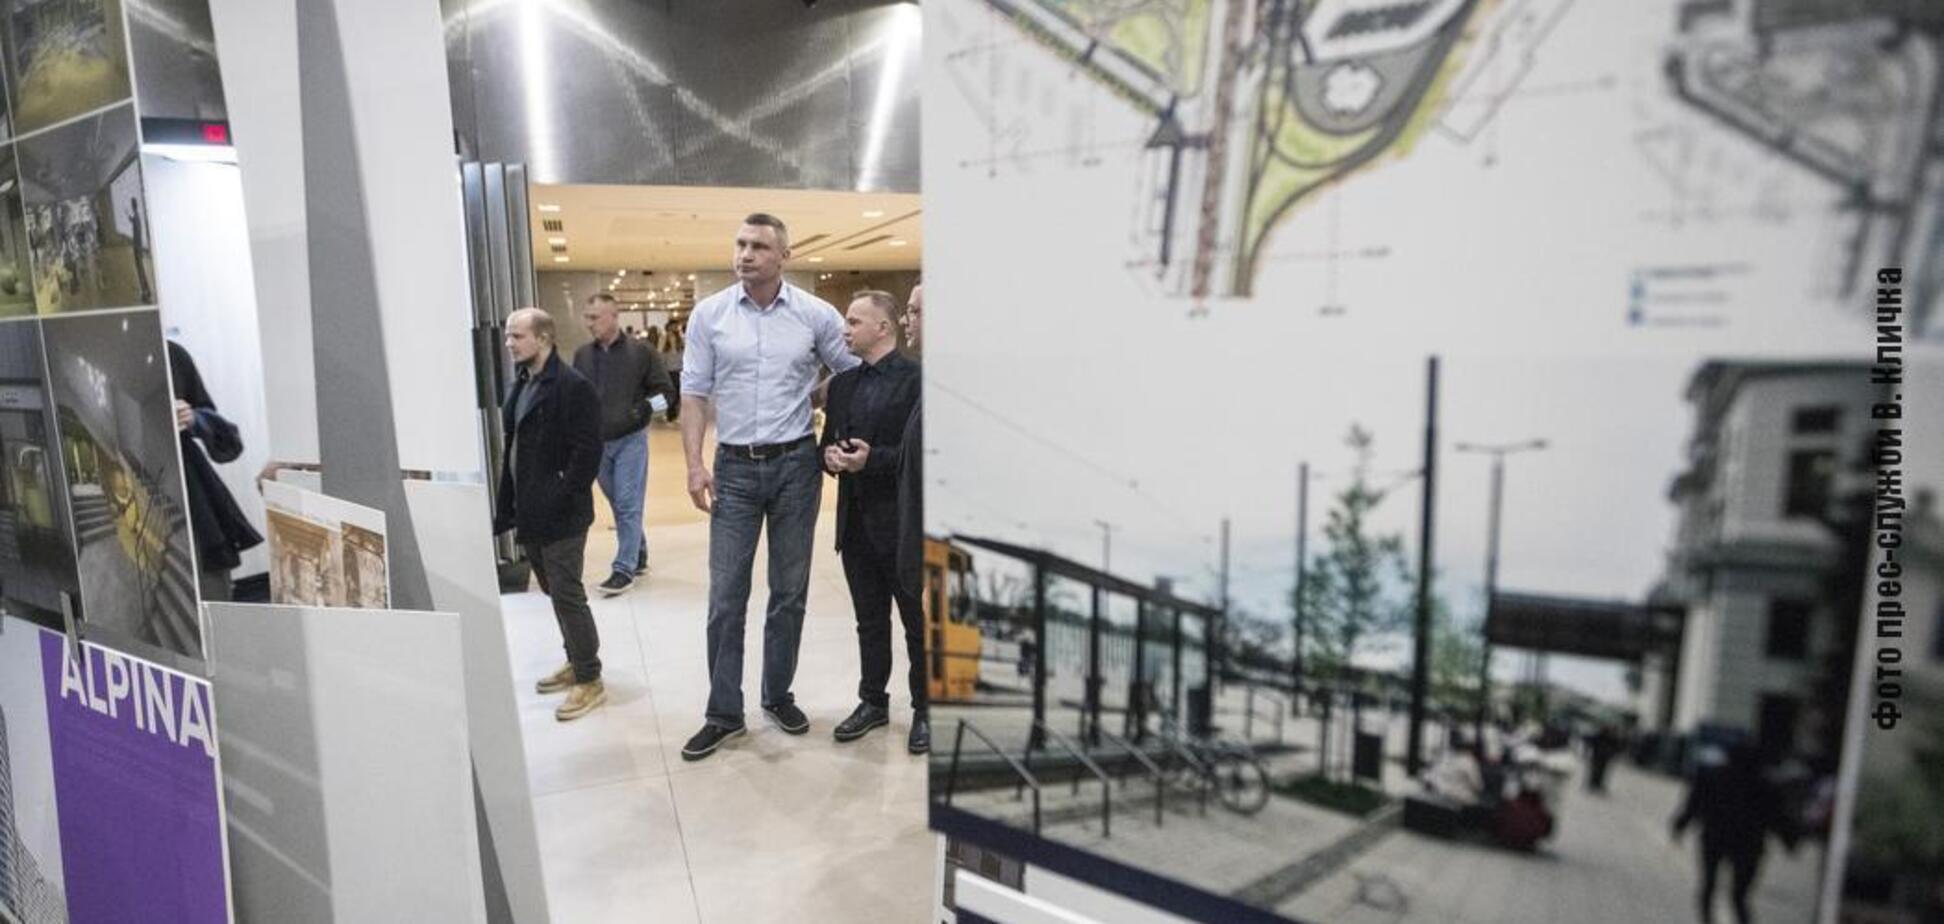 Кличко привітав фіналістів всеукраїнських конкурсів дизайну та архітектури. Фото